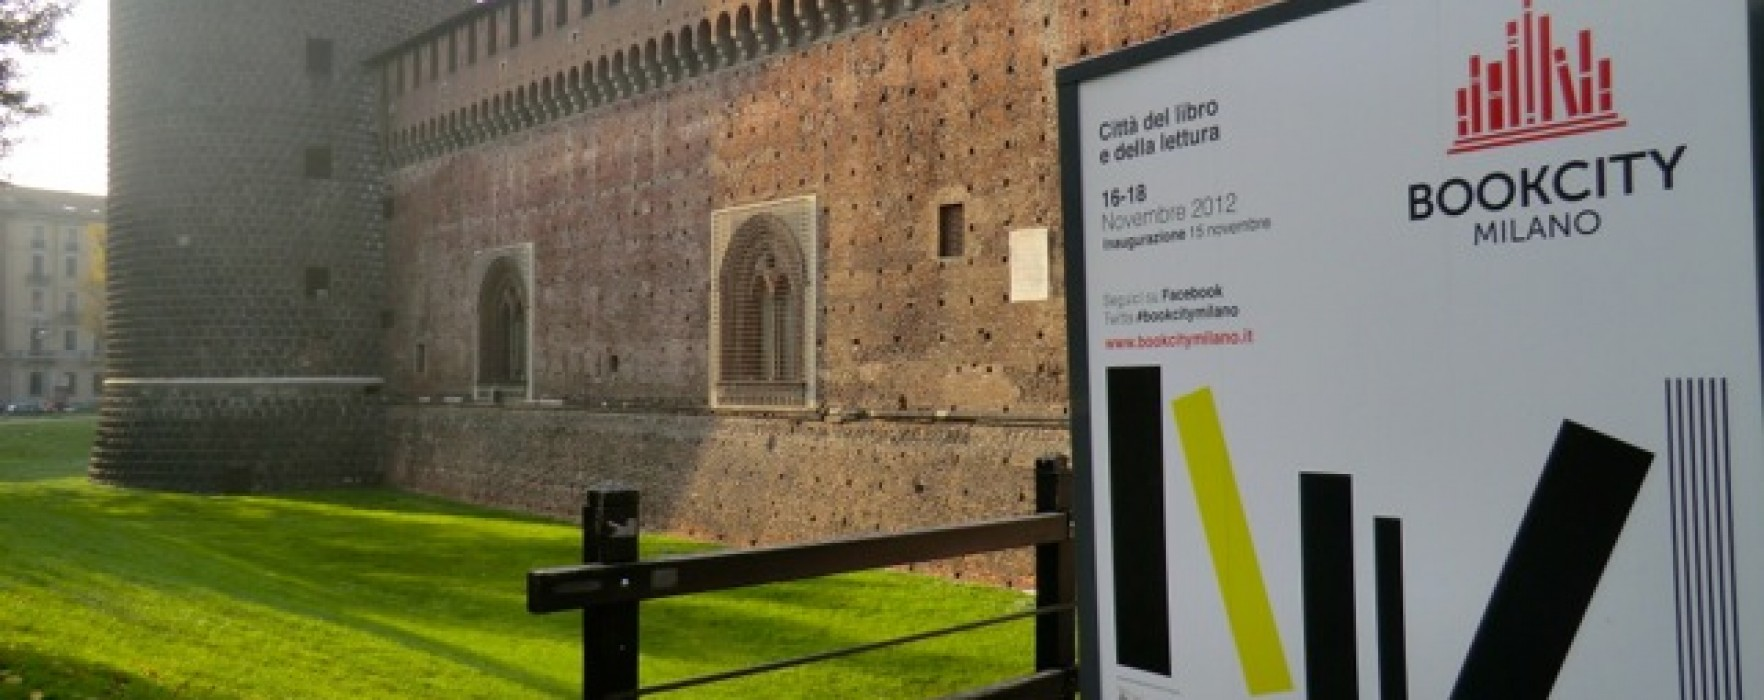 Alfredo macchi a milano per bookcity alfredo macchi for Book city milano